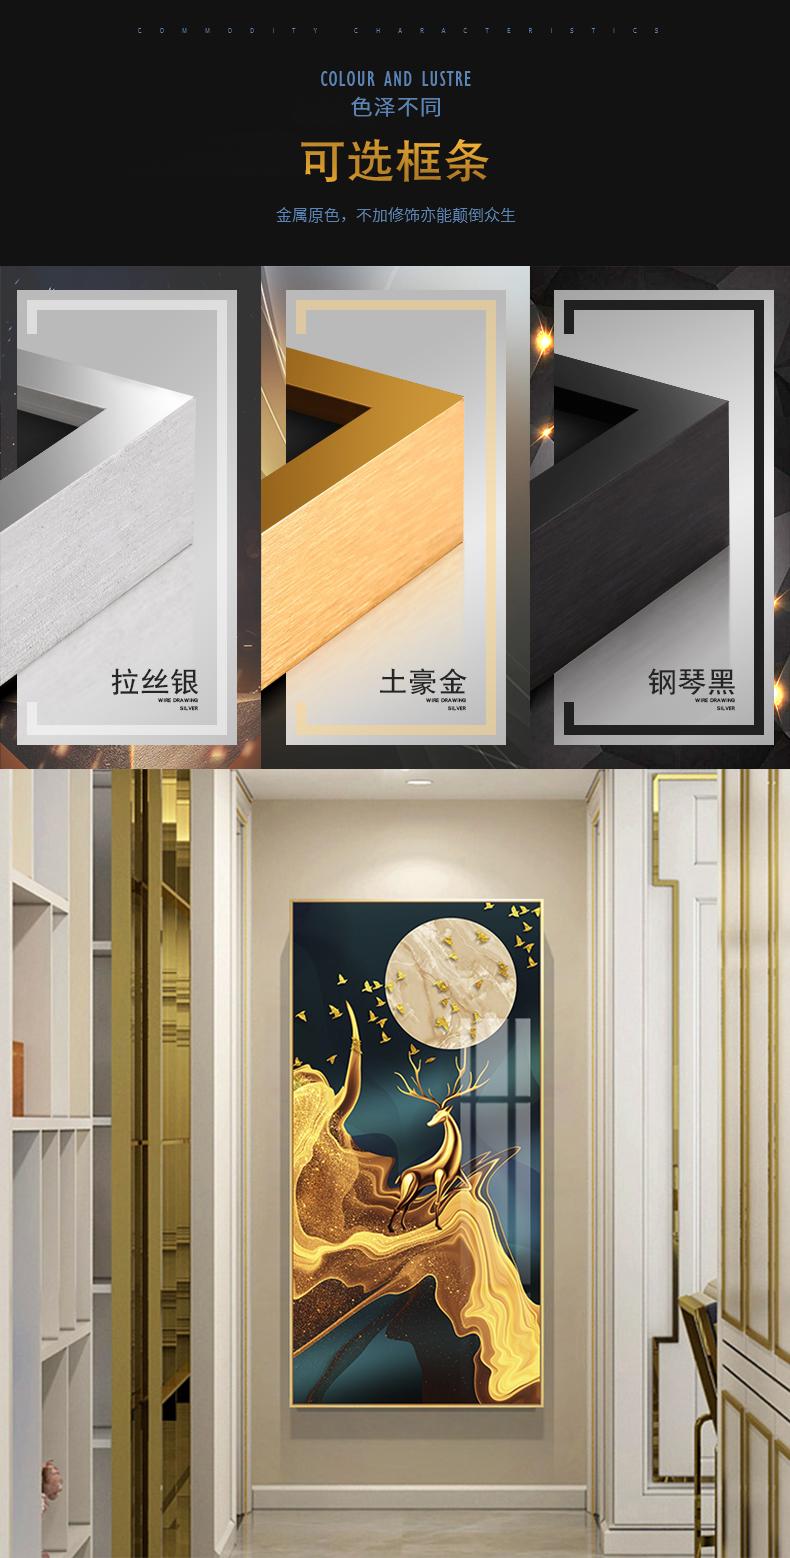 Tranh trang trí Vừa mới vẽ tranh đẹp đẽ mái hiên trừu tượng, treo dọc tường sơn phòng khách treo tườ